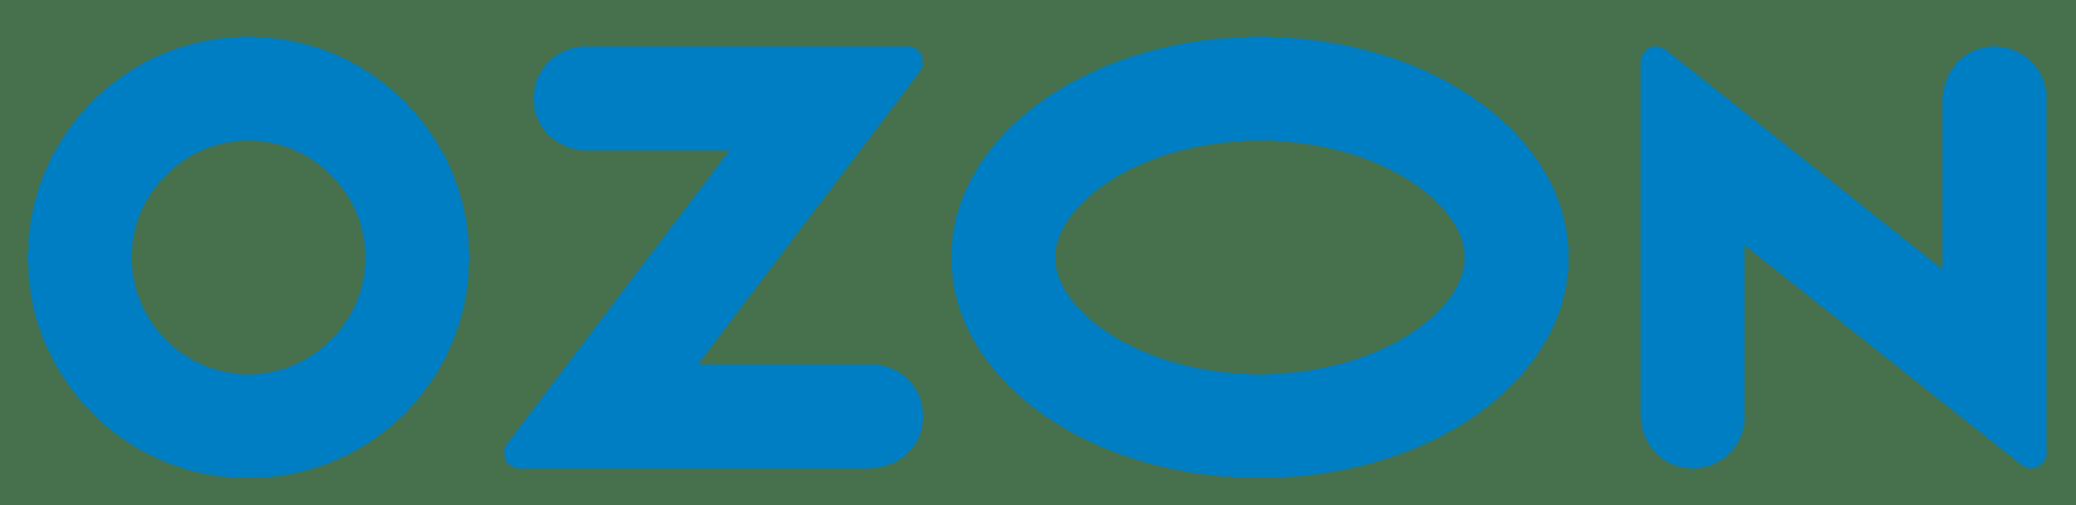 Ozon.ru dołącza do Izby Gospodarki Elektronicznej